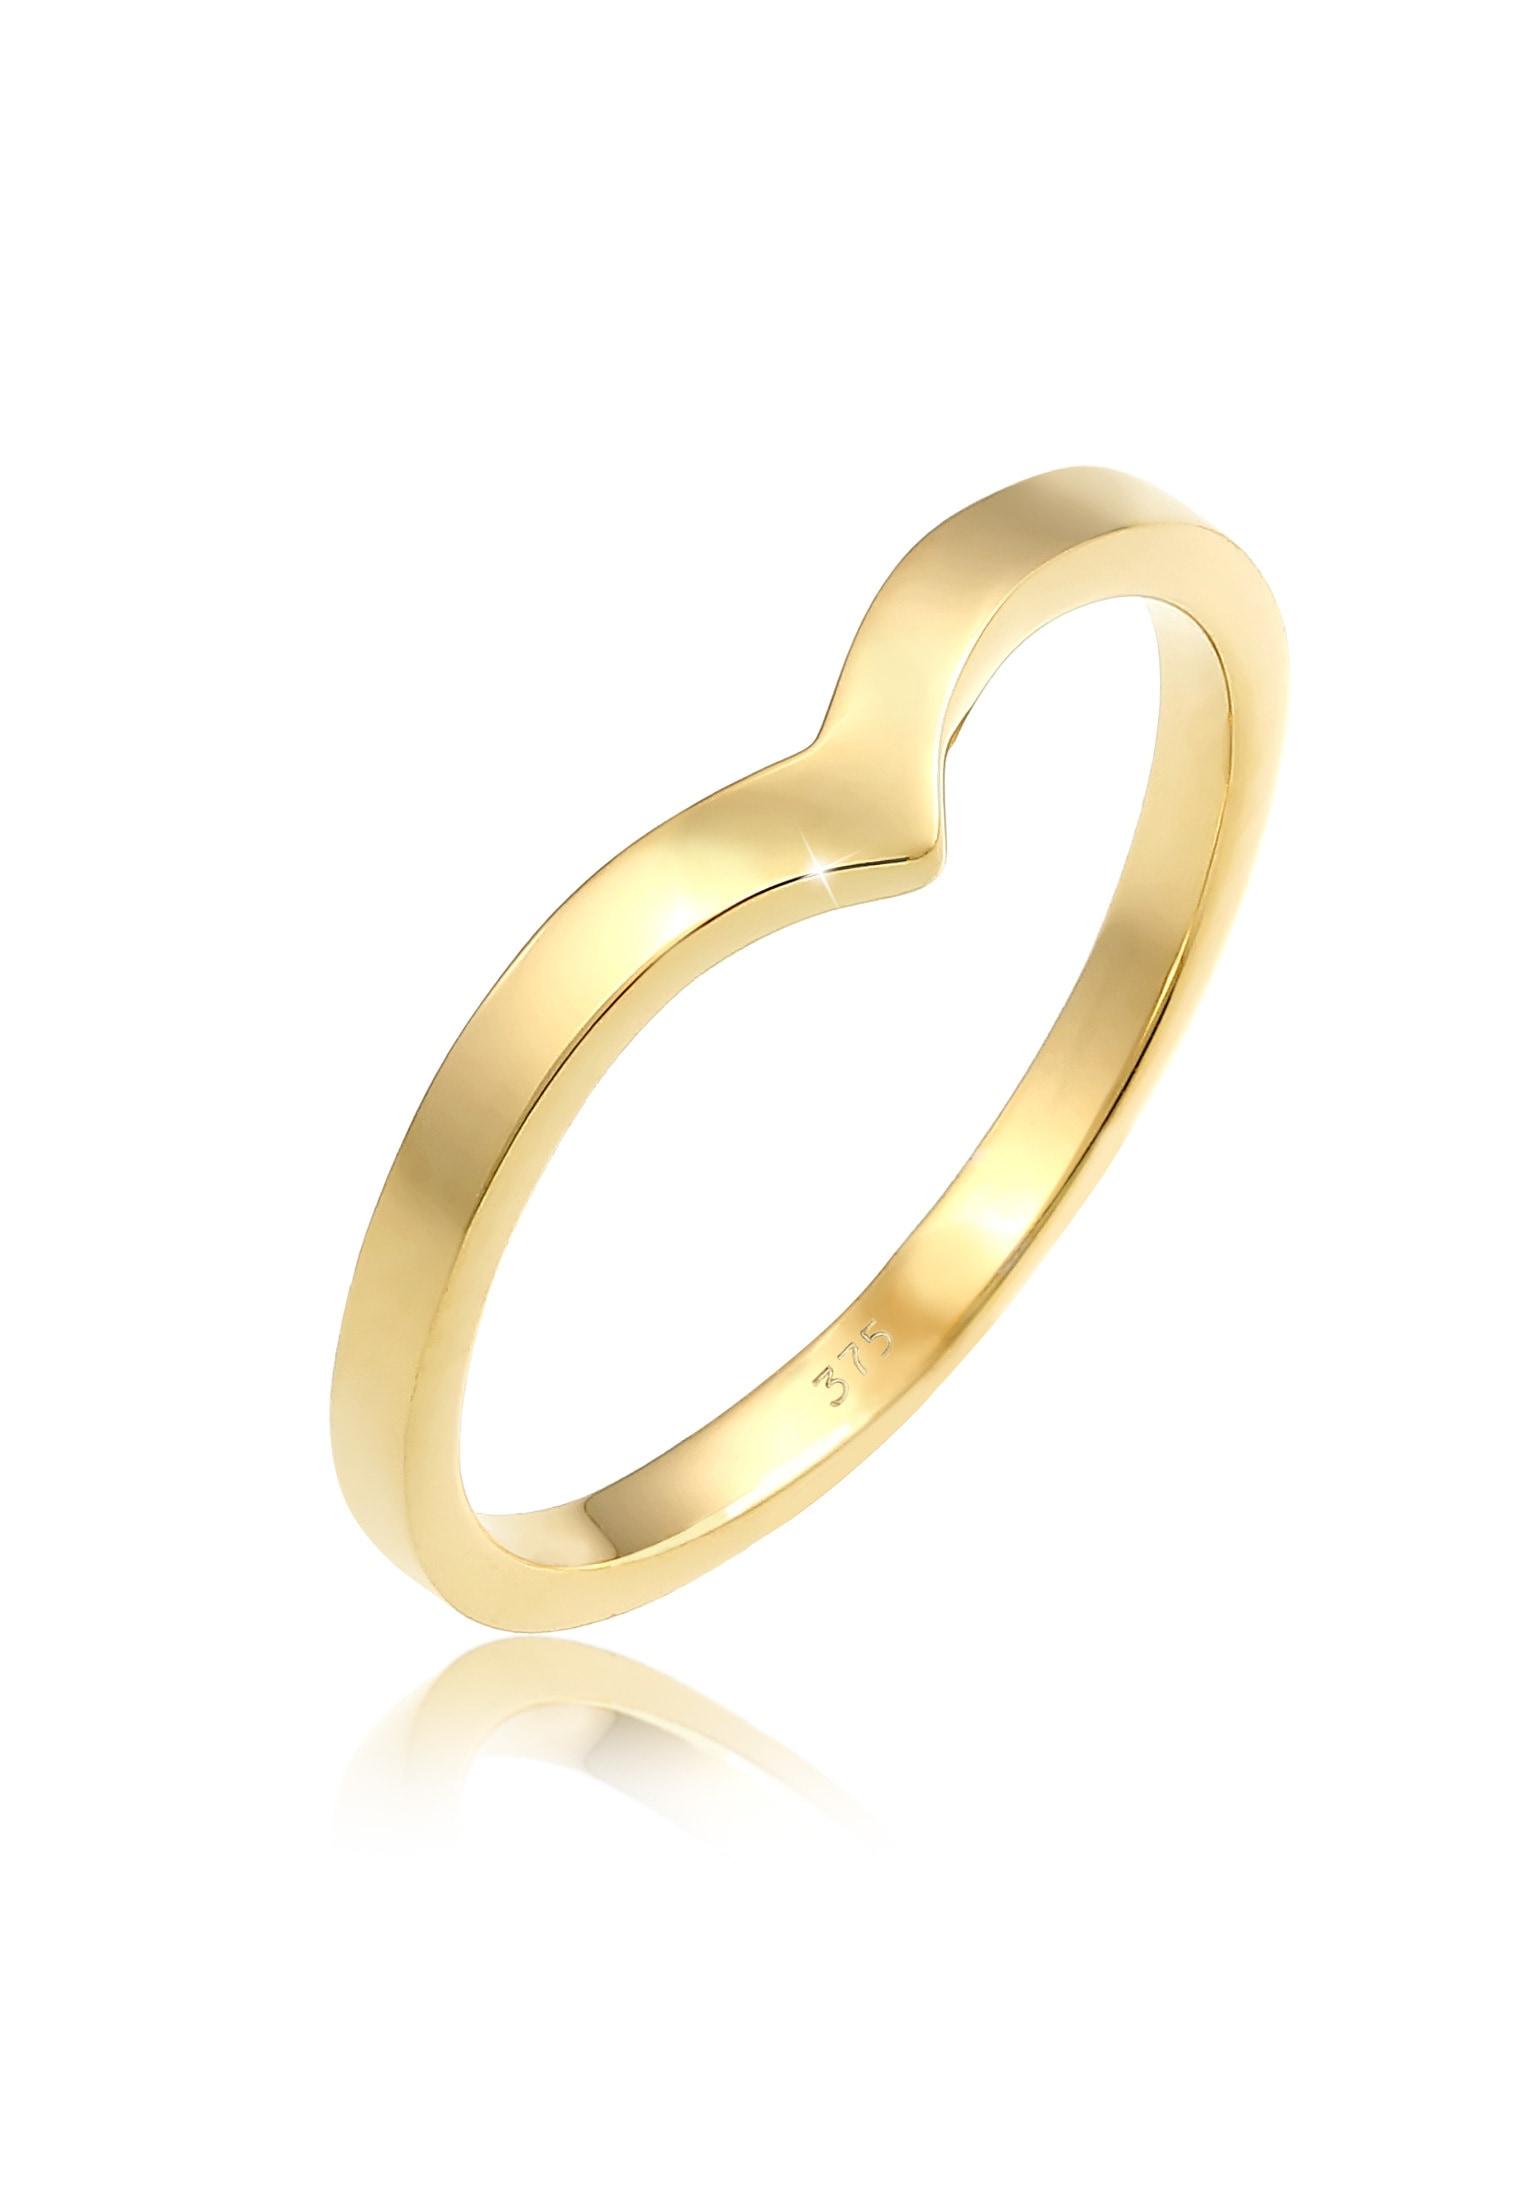 Elli Fingerring V-Form Stapelring Geo Look Modern 375 Gelbgold | Schmuck > Ringe > Fingerringe | Goldfarben | Elli